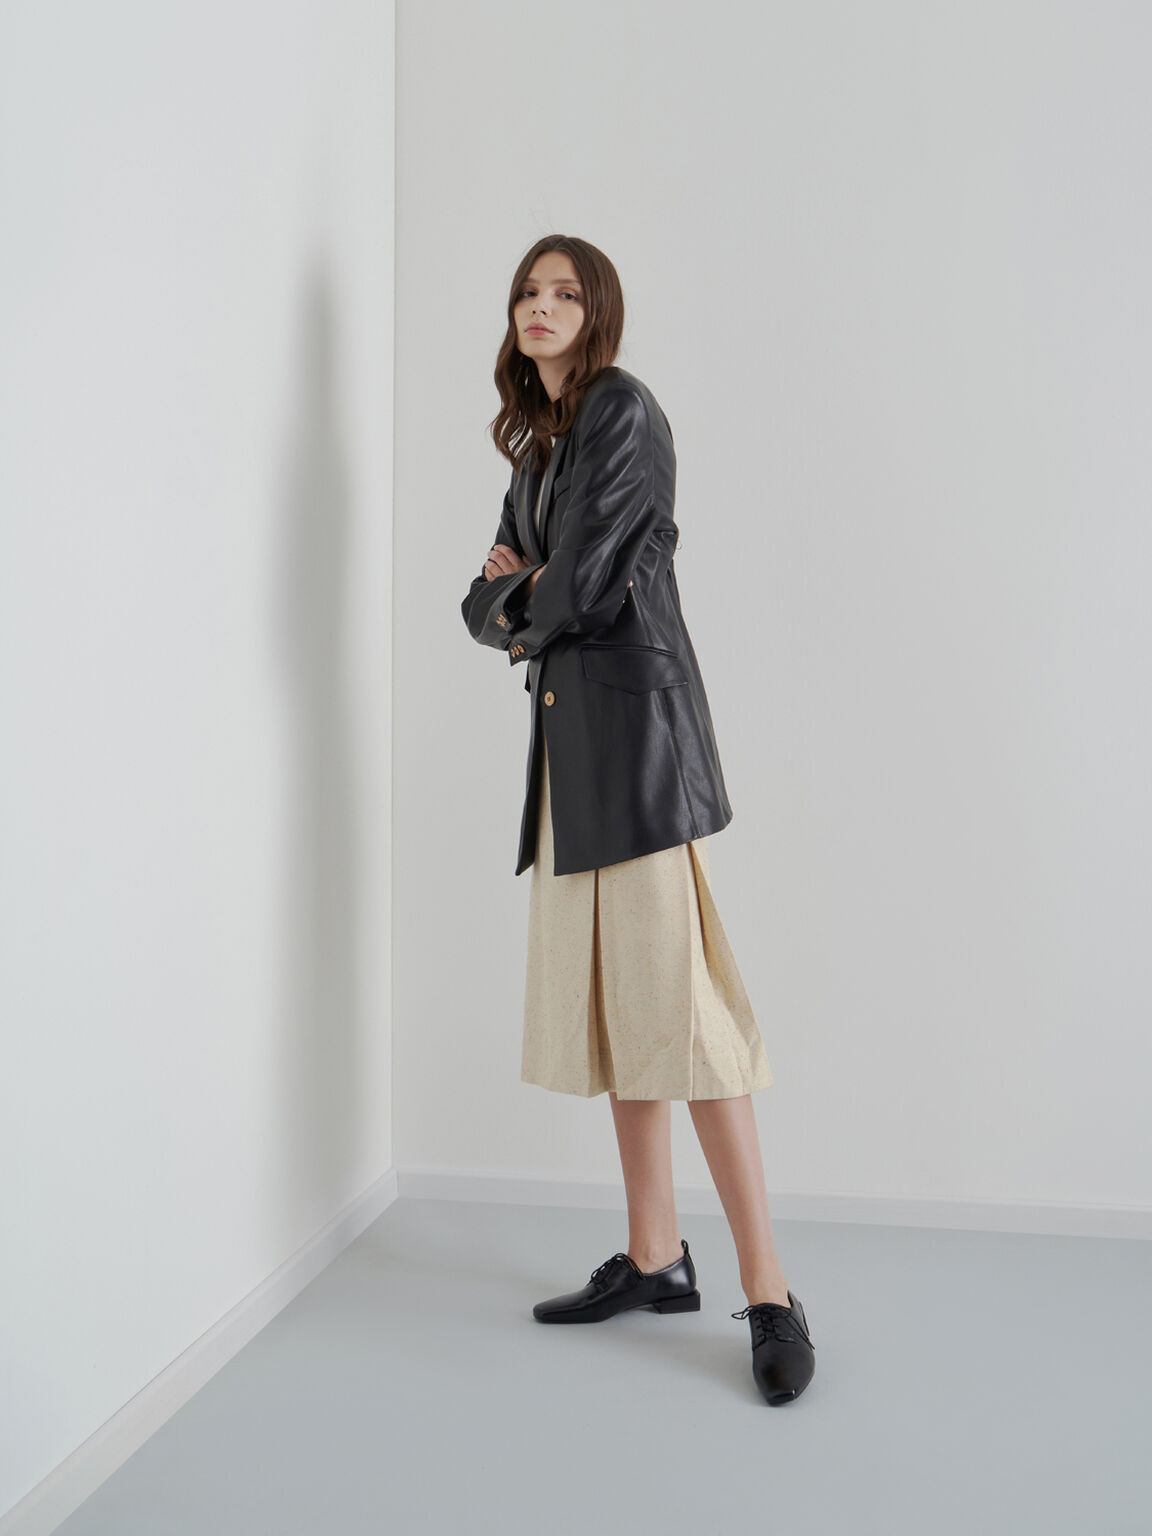 Square Toe Oxford Shoes, Black, hi-res